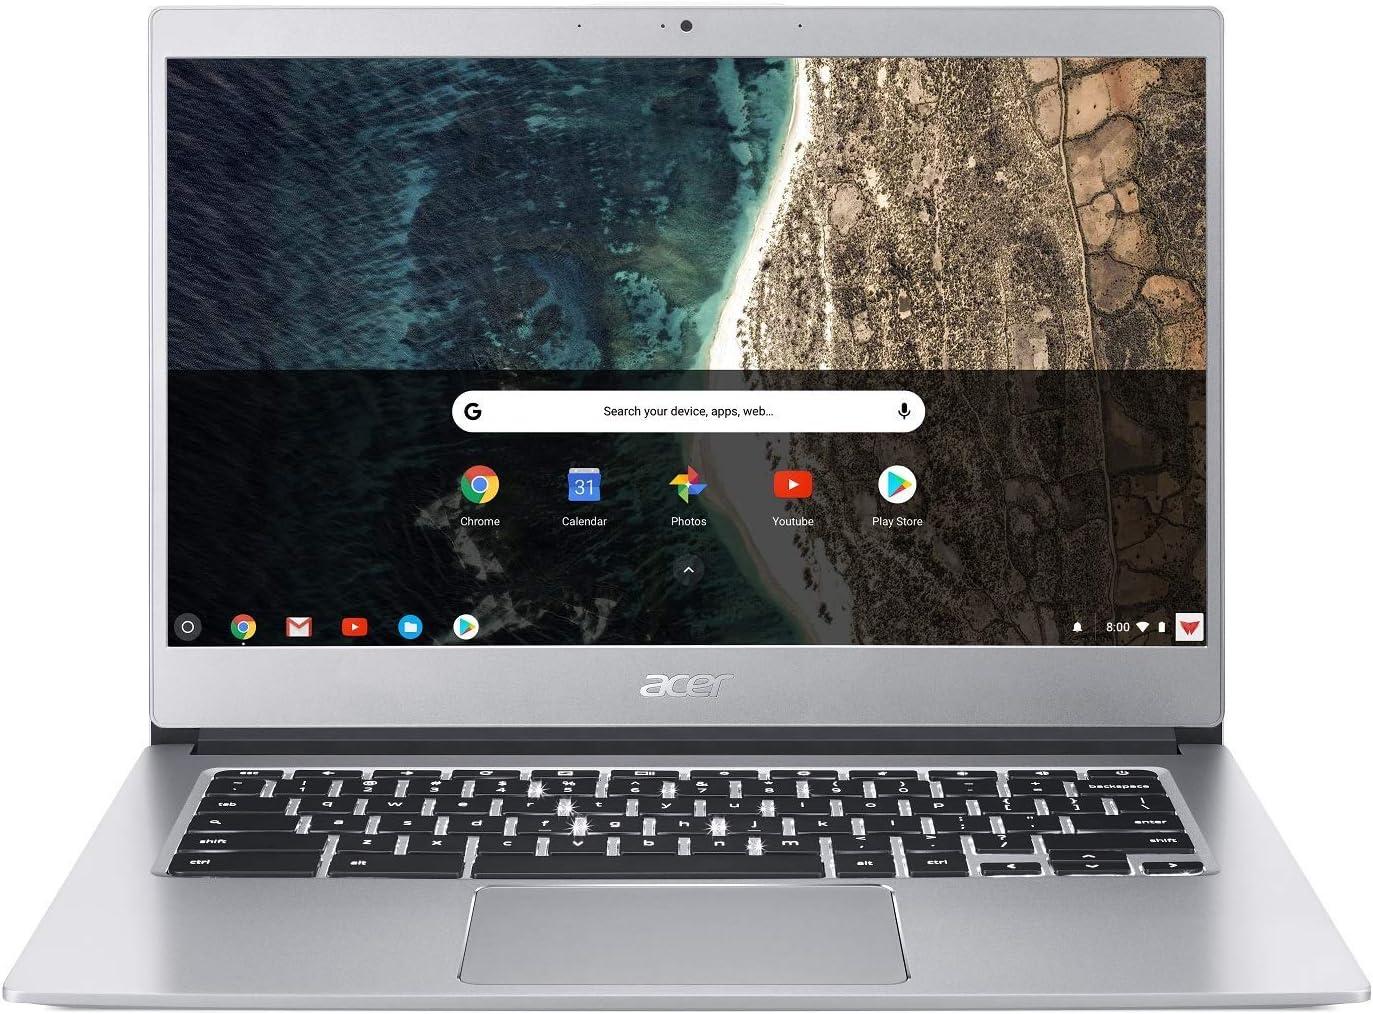 Acer Chromebook 514 Intel Celeron N3350 1.10GHz 4GB Ram 32GB Flash Chrome OS (Renewed)